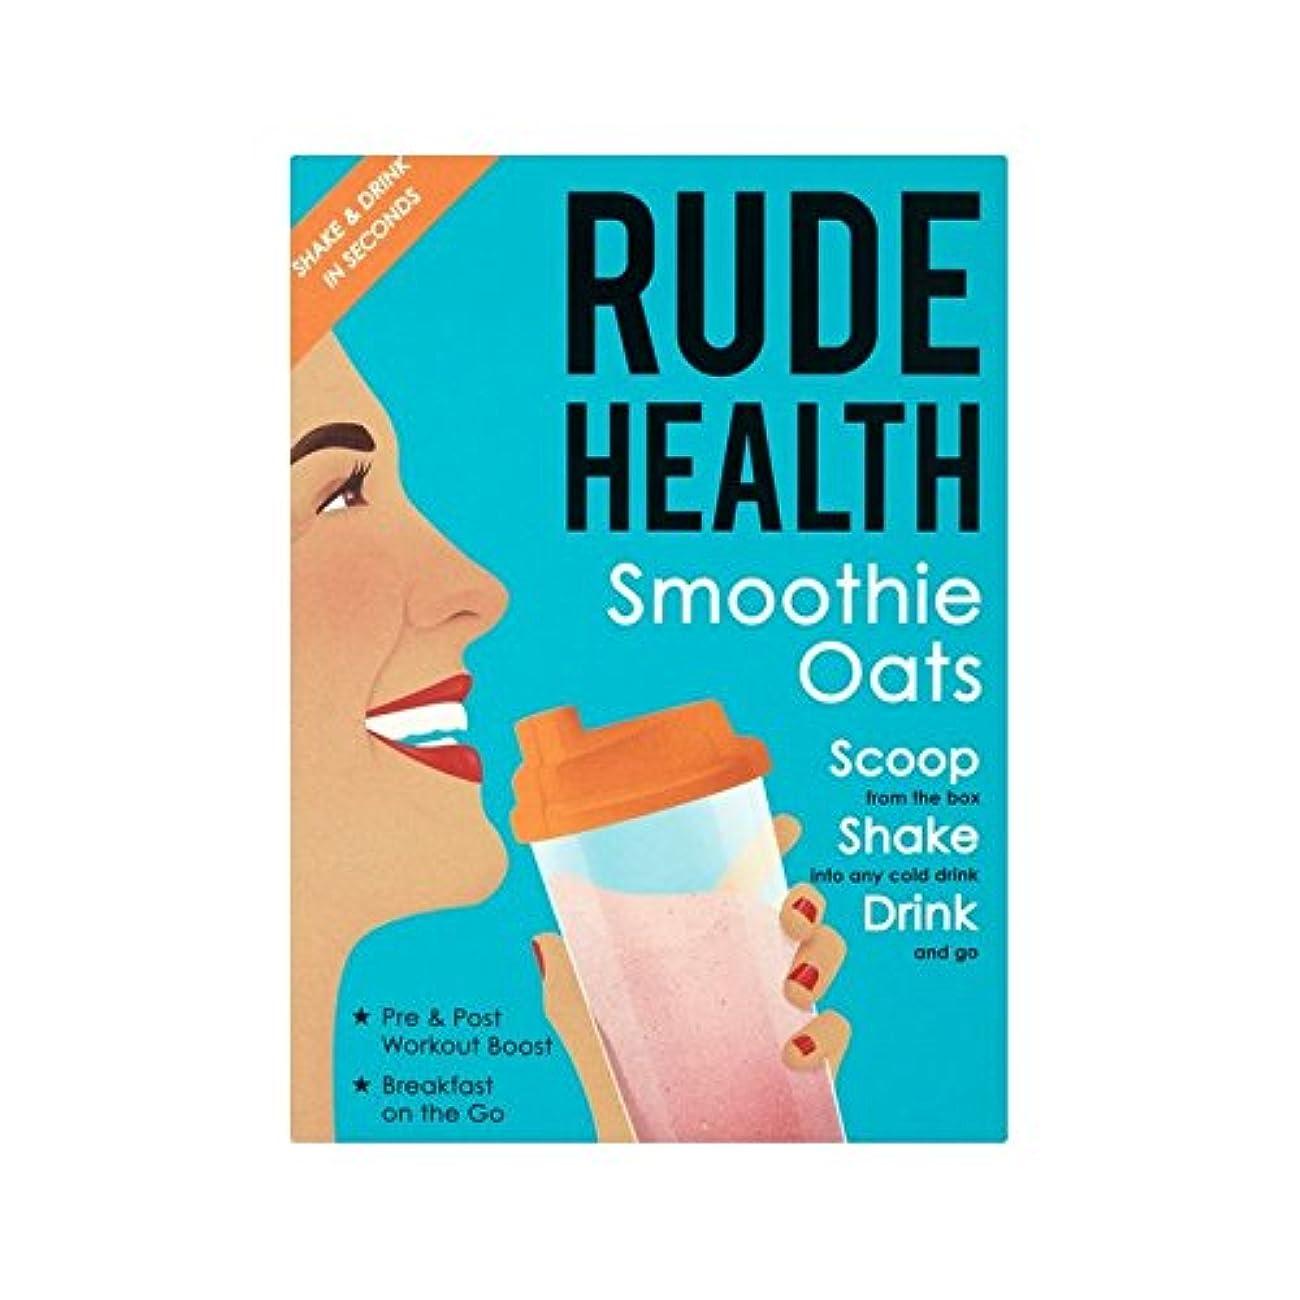 行くペフ歯車スムージーオート麦250グラム (Rude Health) (x 6) - Rude Health Smoothie Oats 250g (Pack of 6) [並行輸入品]